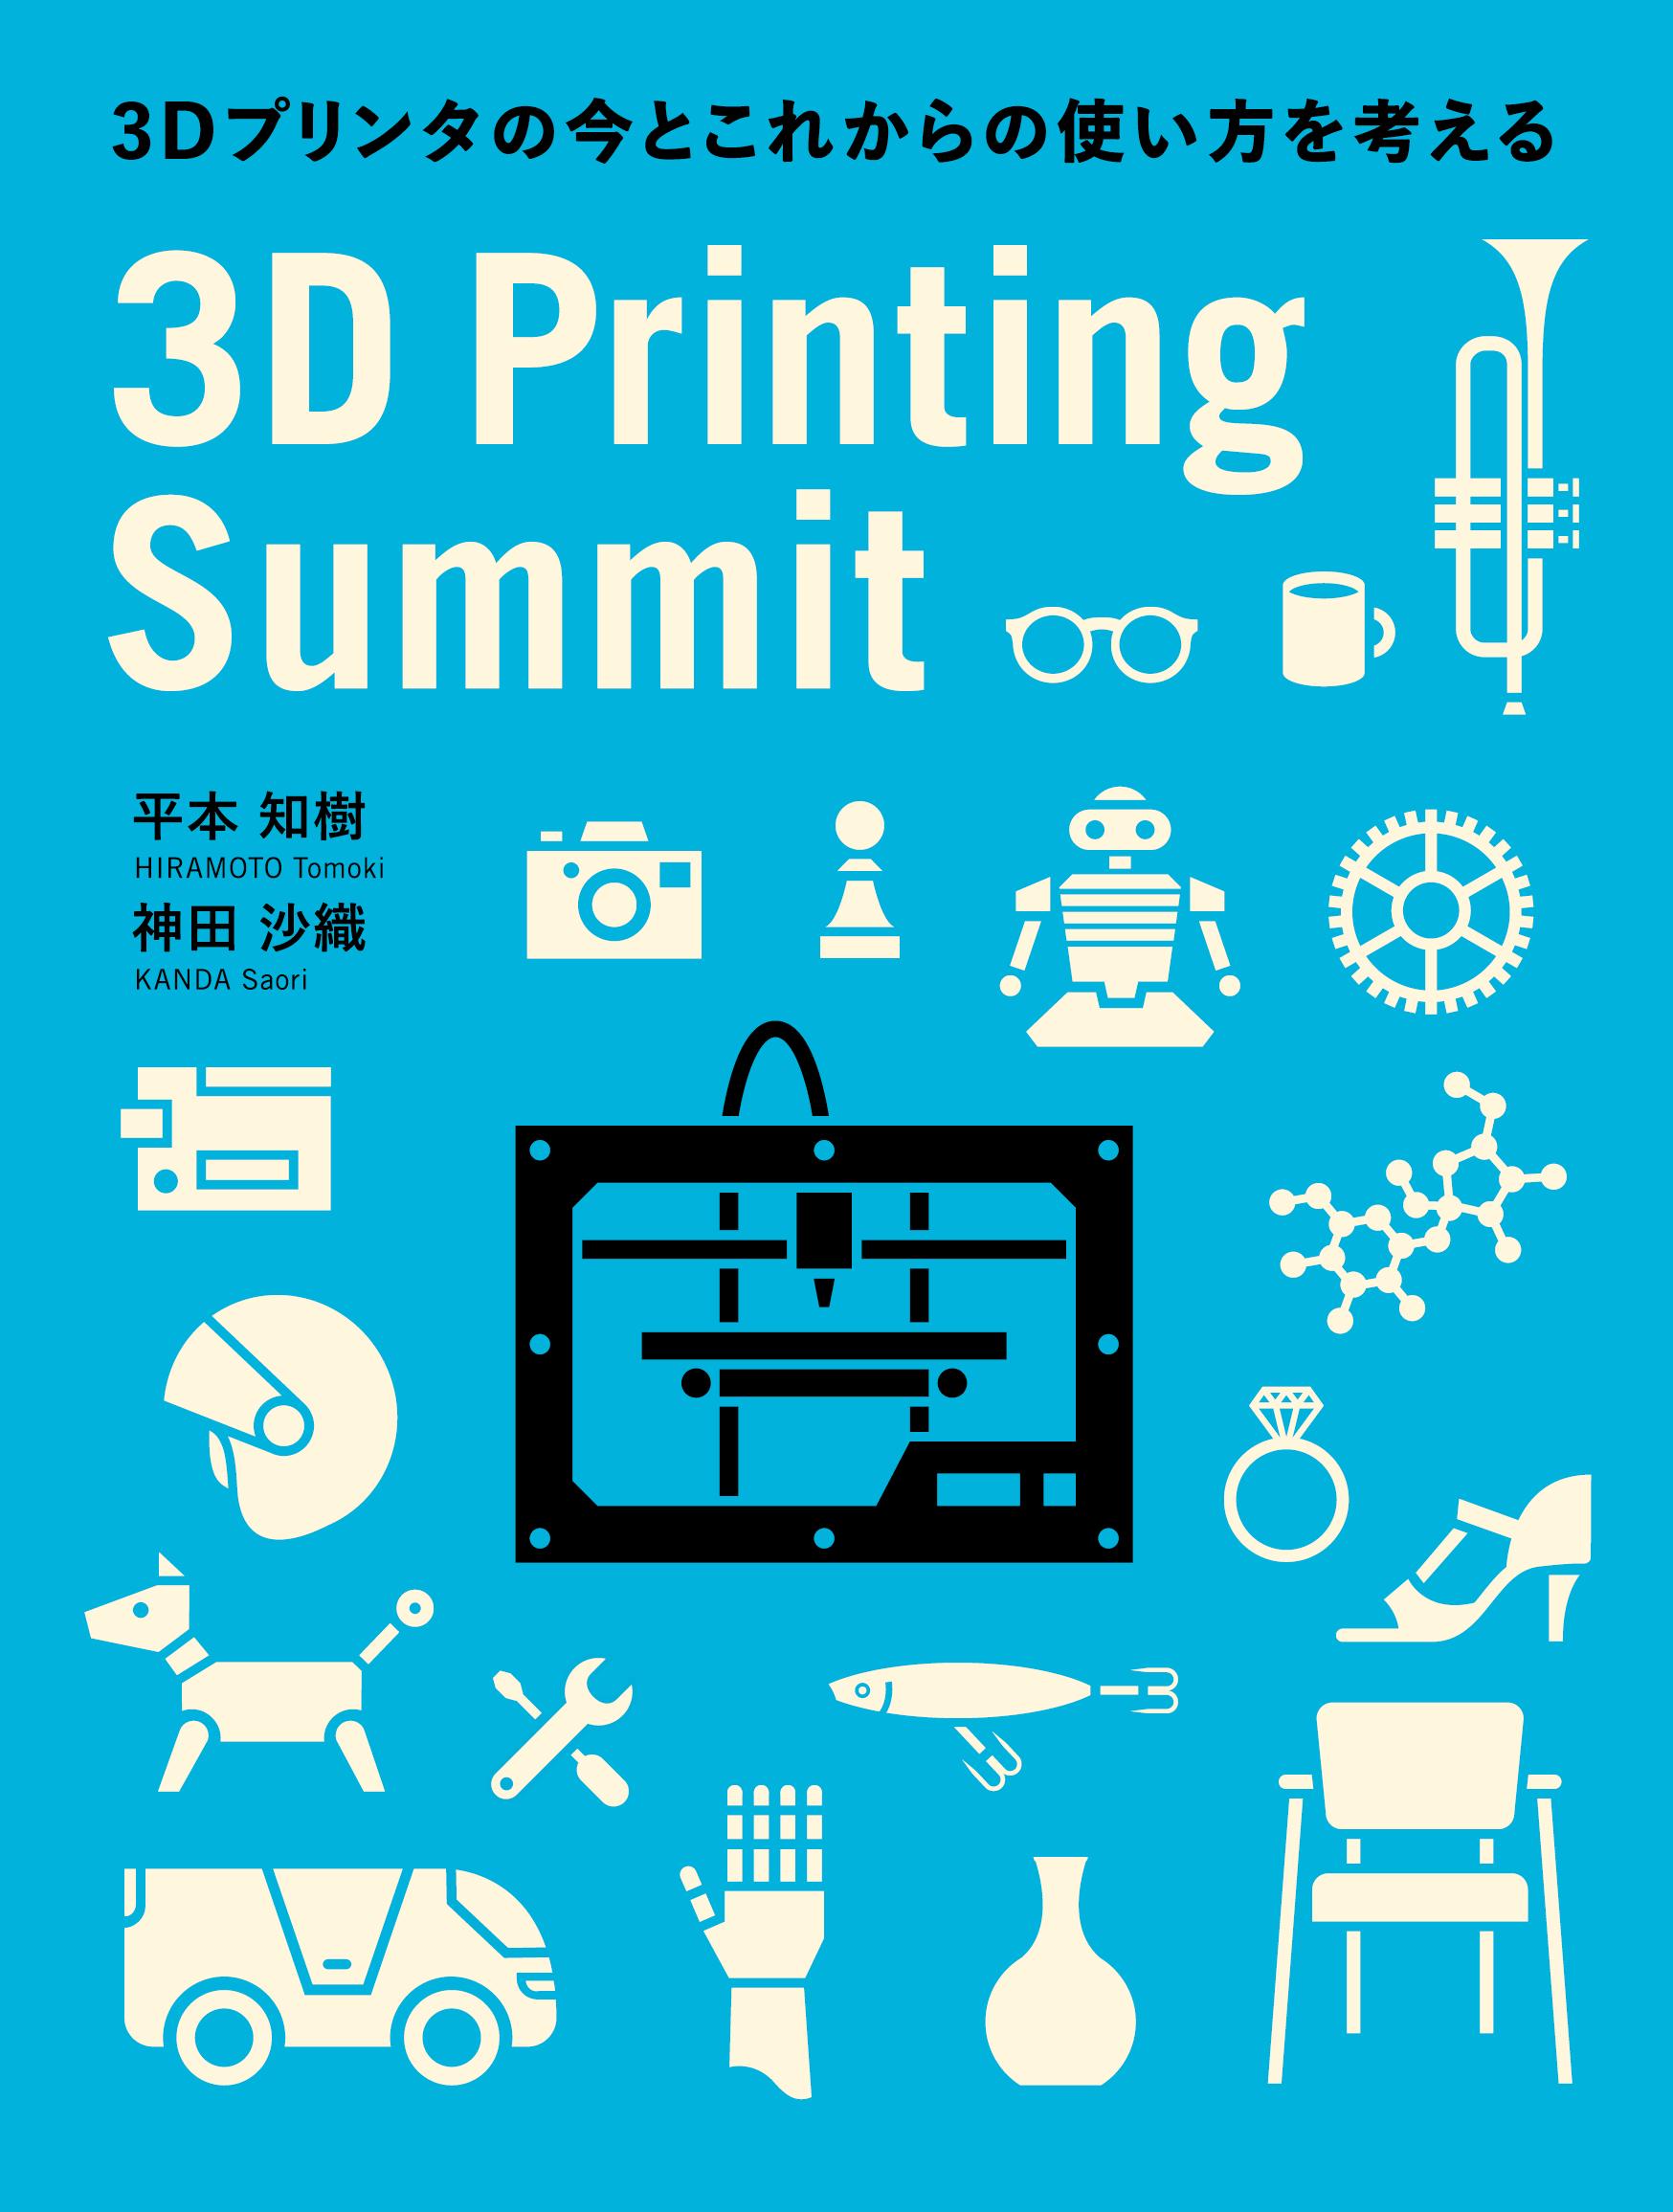 8/21、東京カルチャーカルチャーにて3Dプリンタプレイヤーが集まるイベント「3D Printing Summit 2014」開催